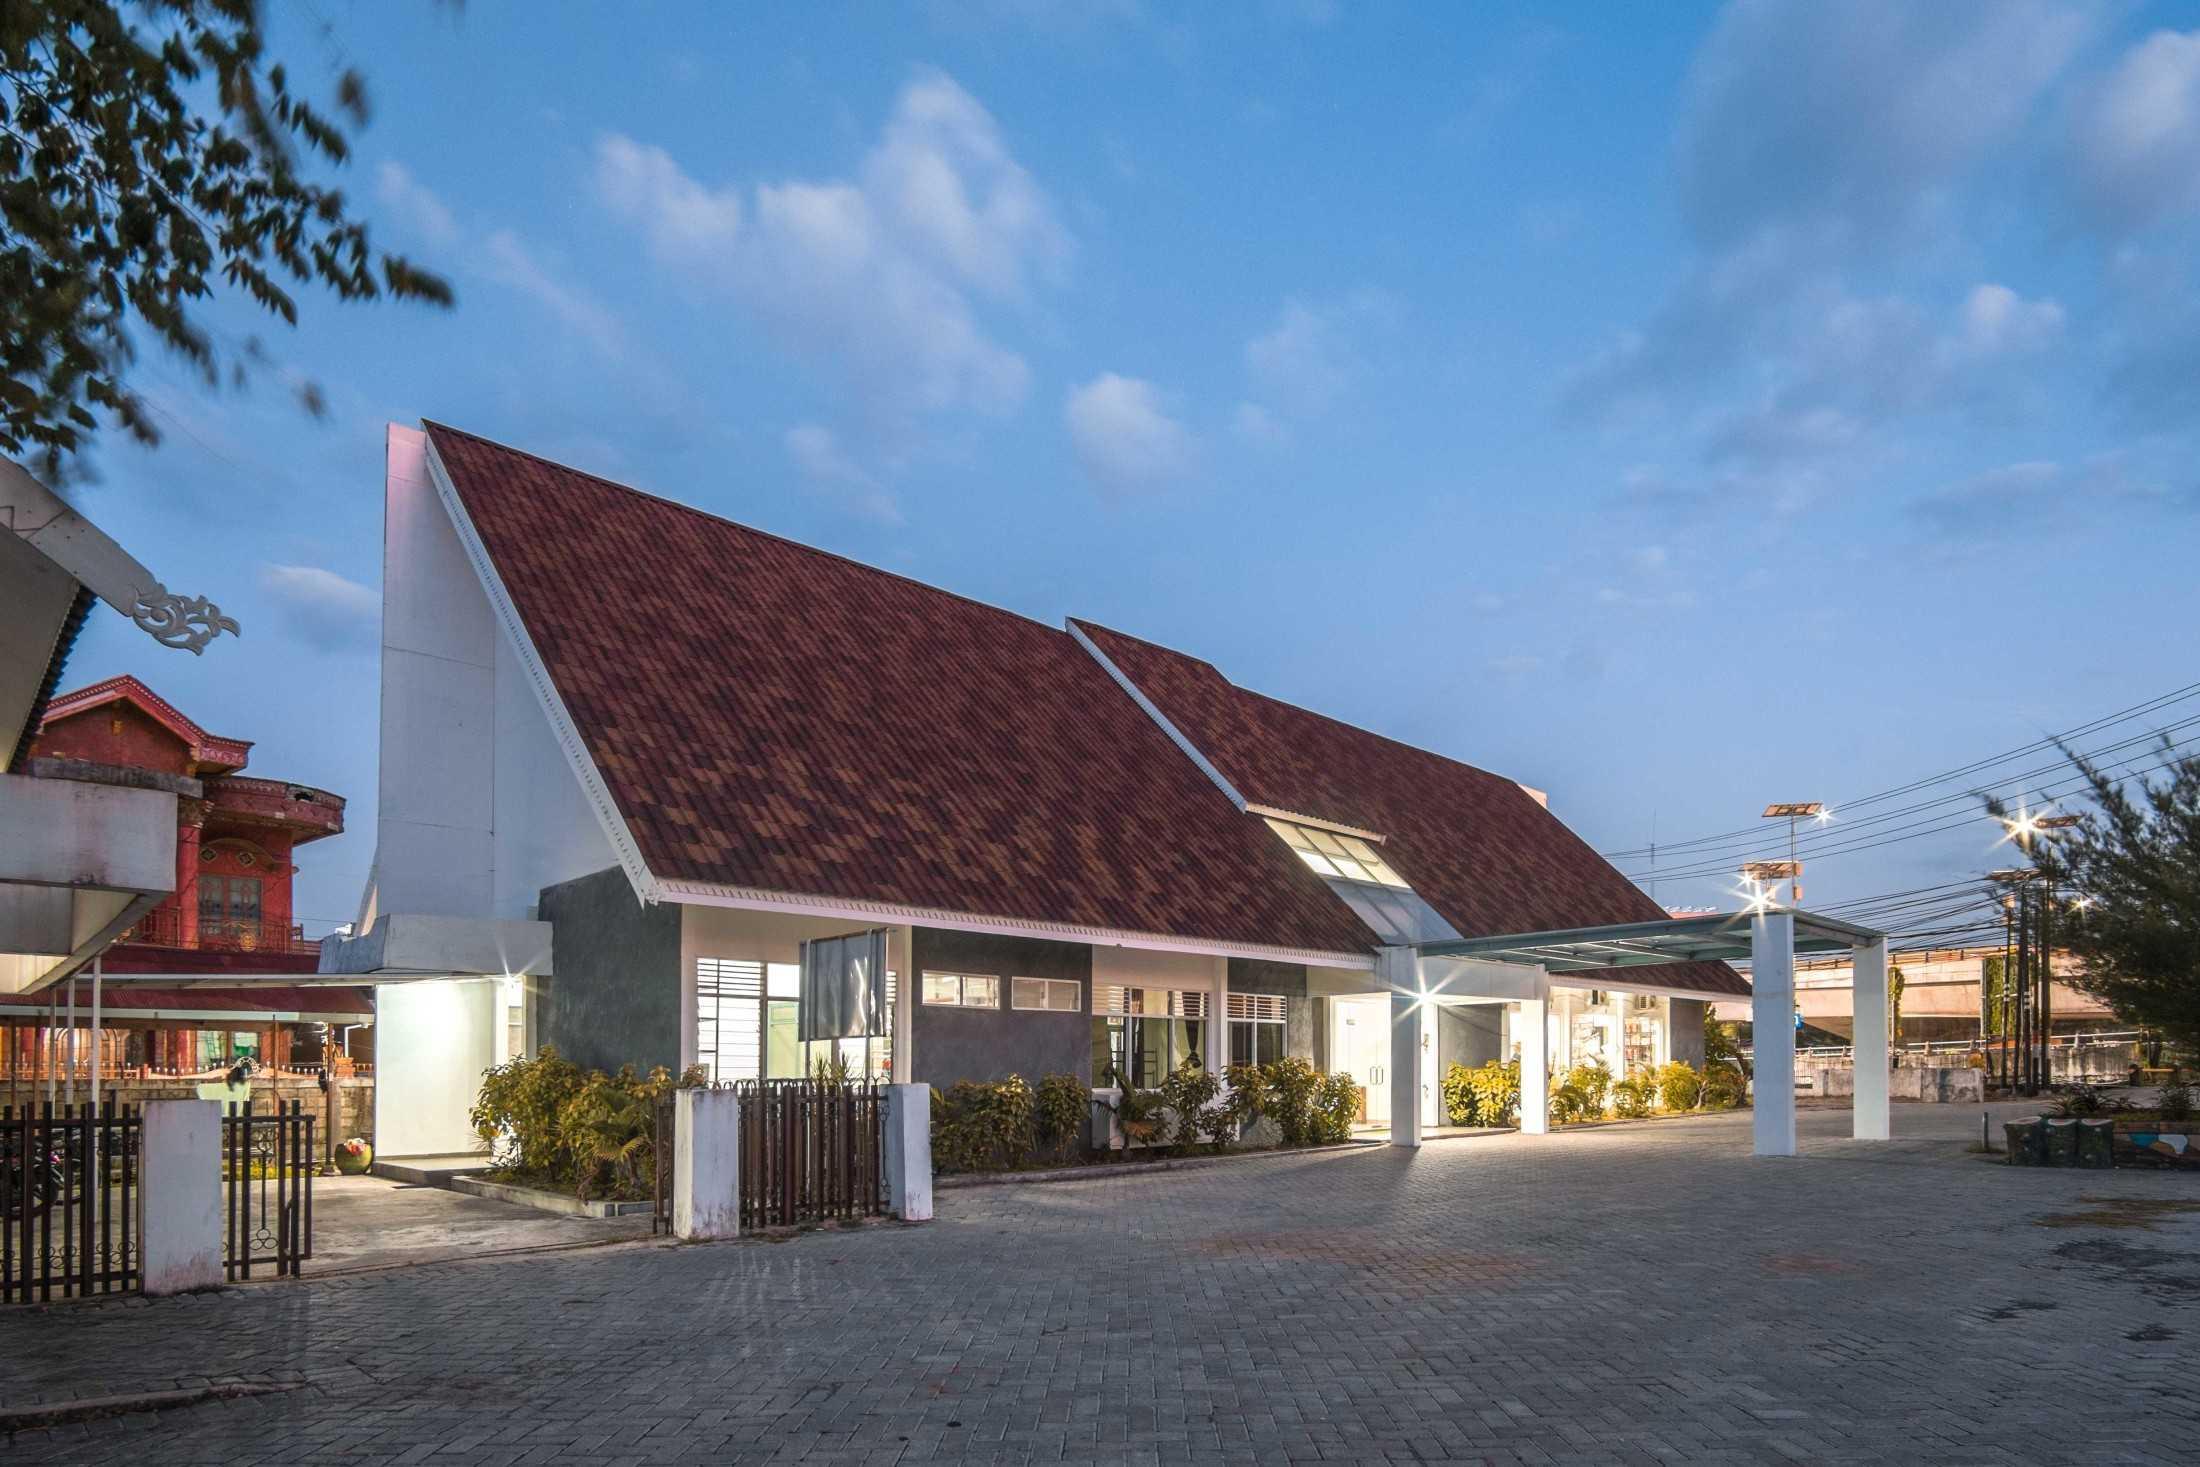 Jasa Arsitek endarasman di Banjarmasin